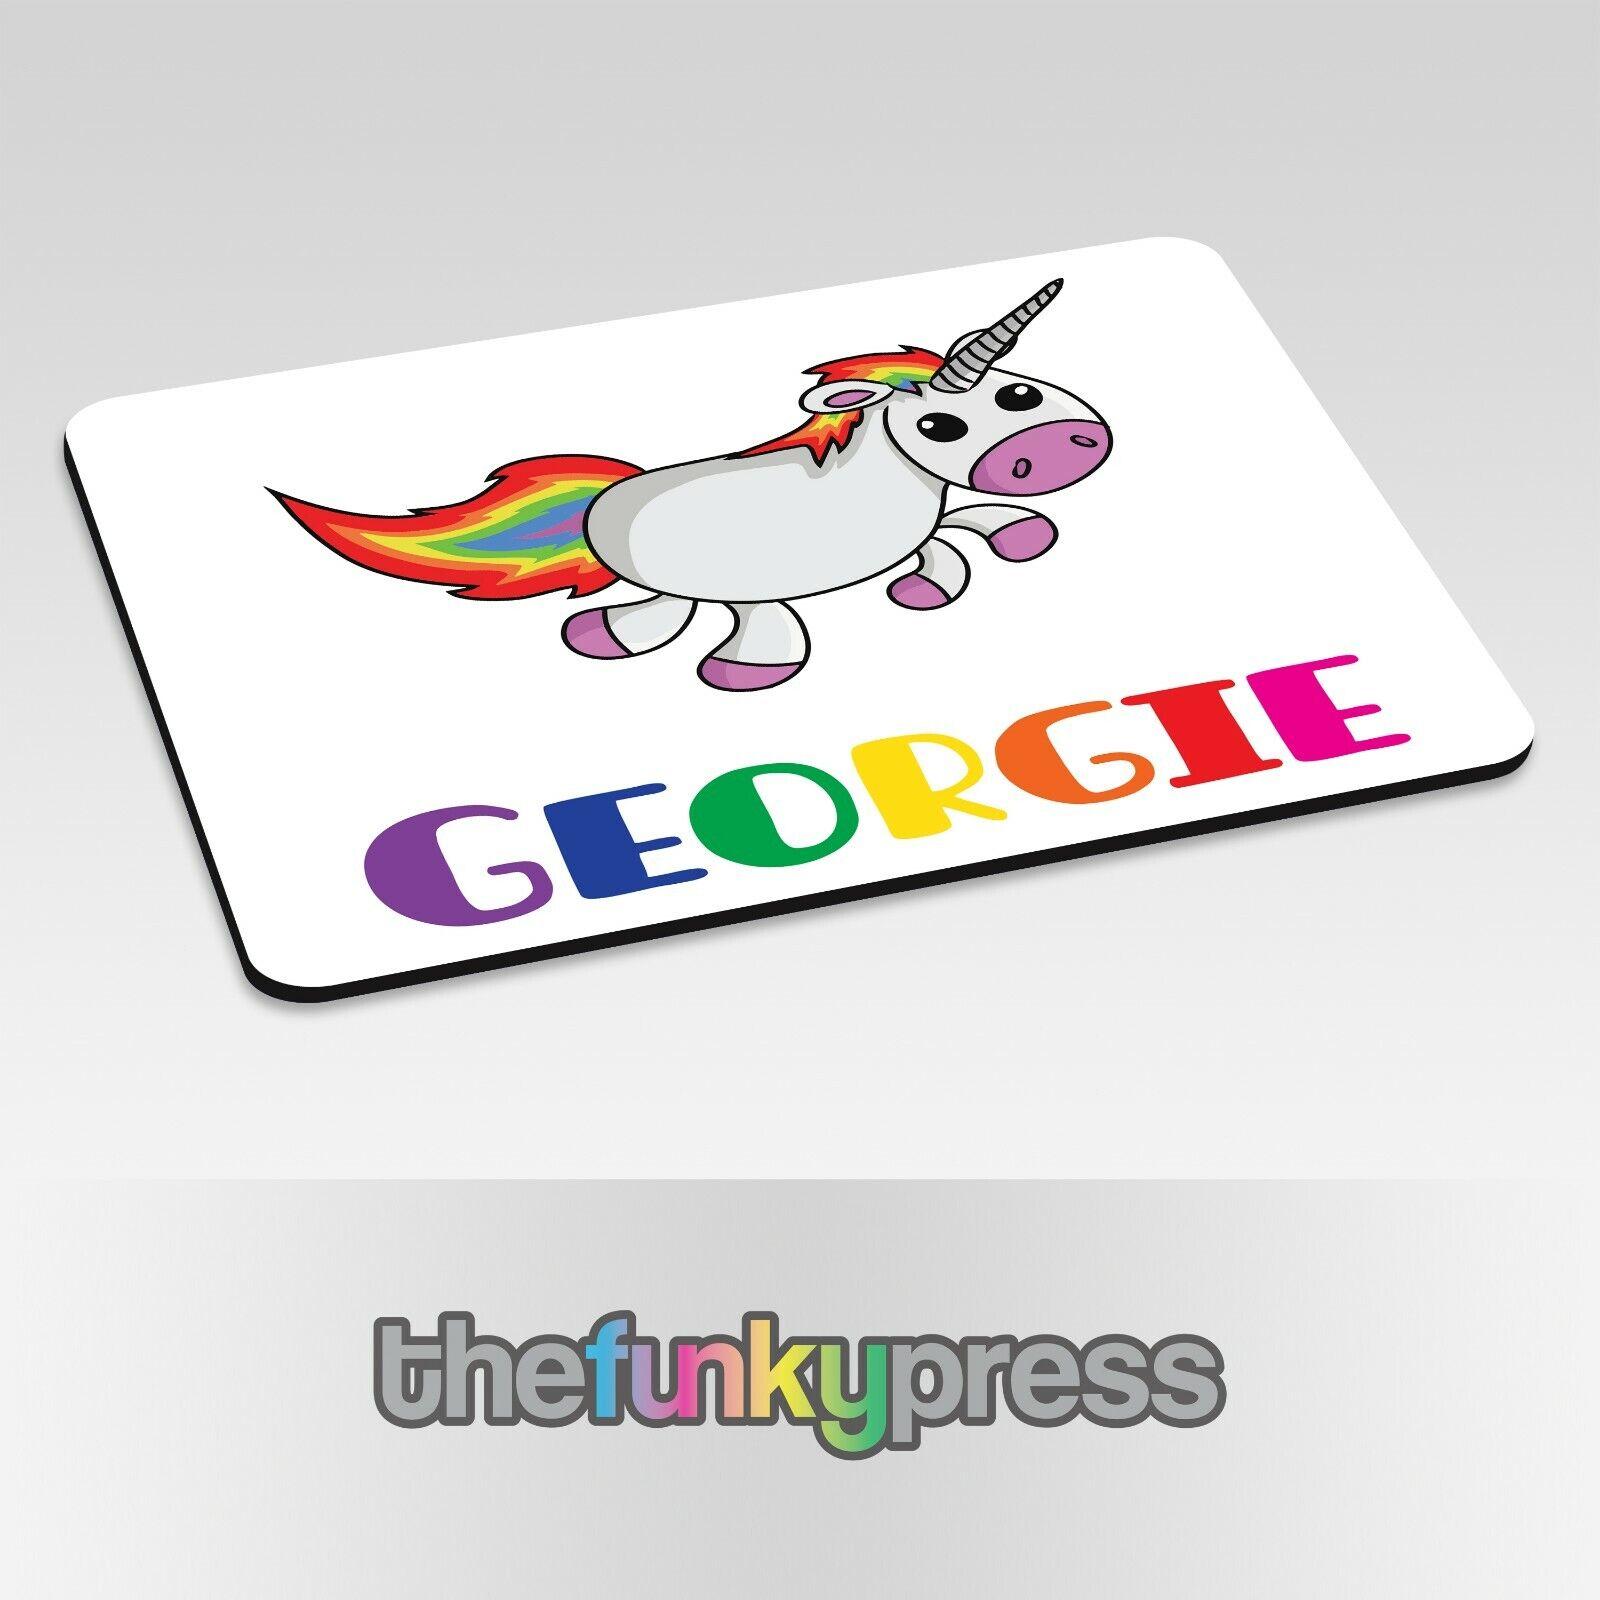 Personalizzata Unicorno Placemat piuttosto Rainbow aggiungere qualsiasi qualsiasi qualsiasi nome gratis 1cf7d2